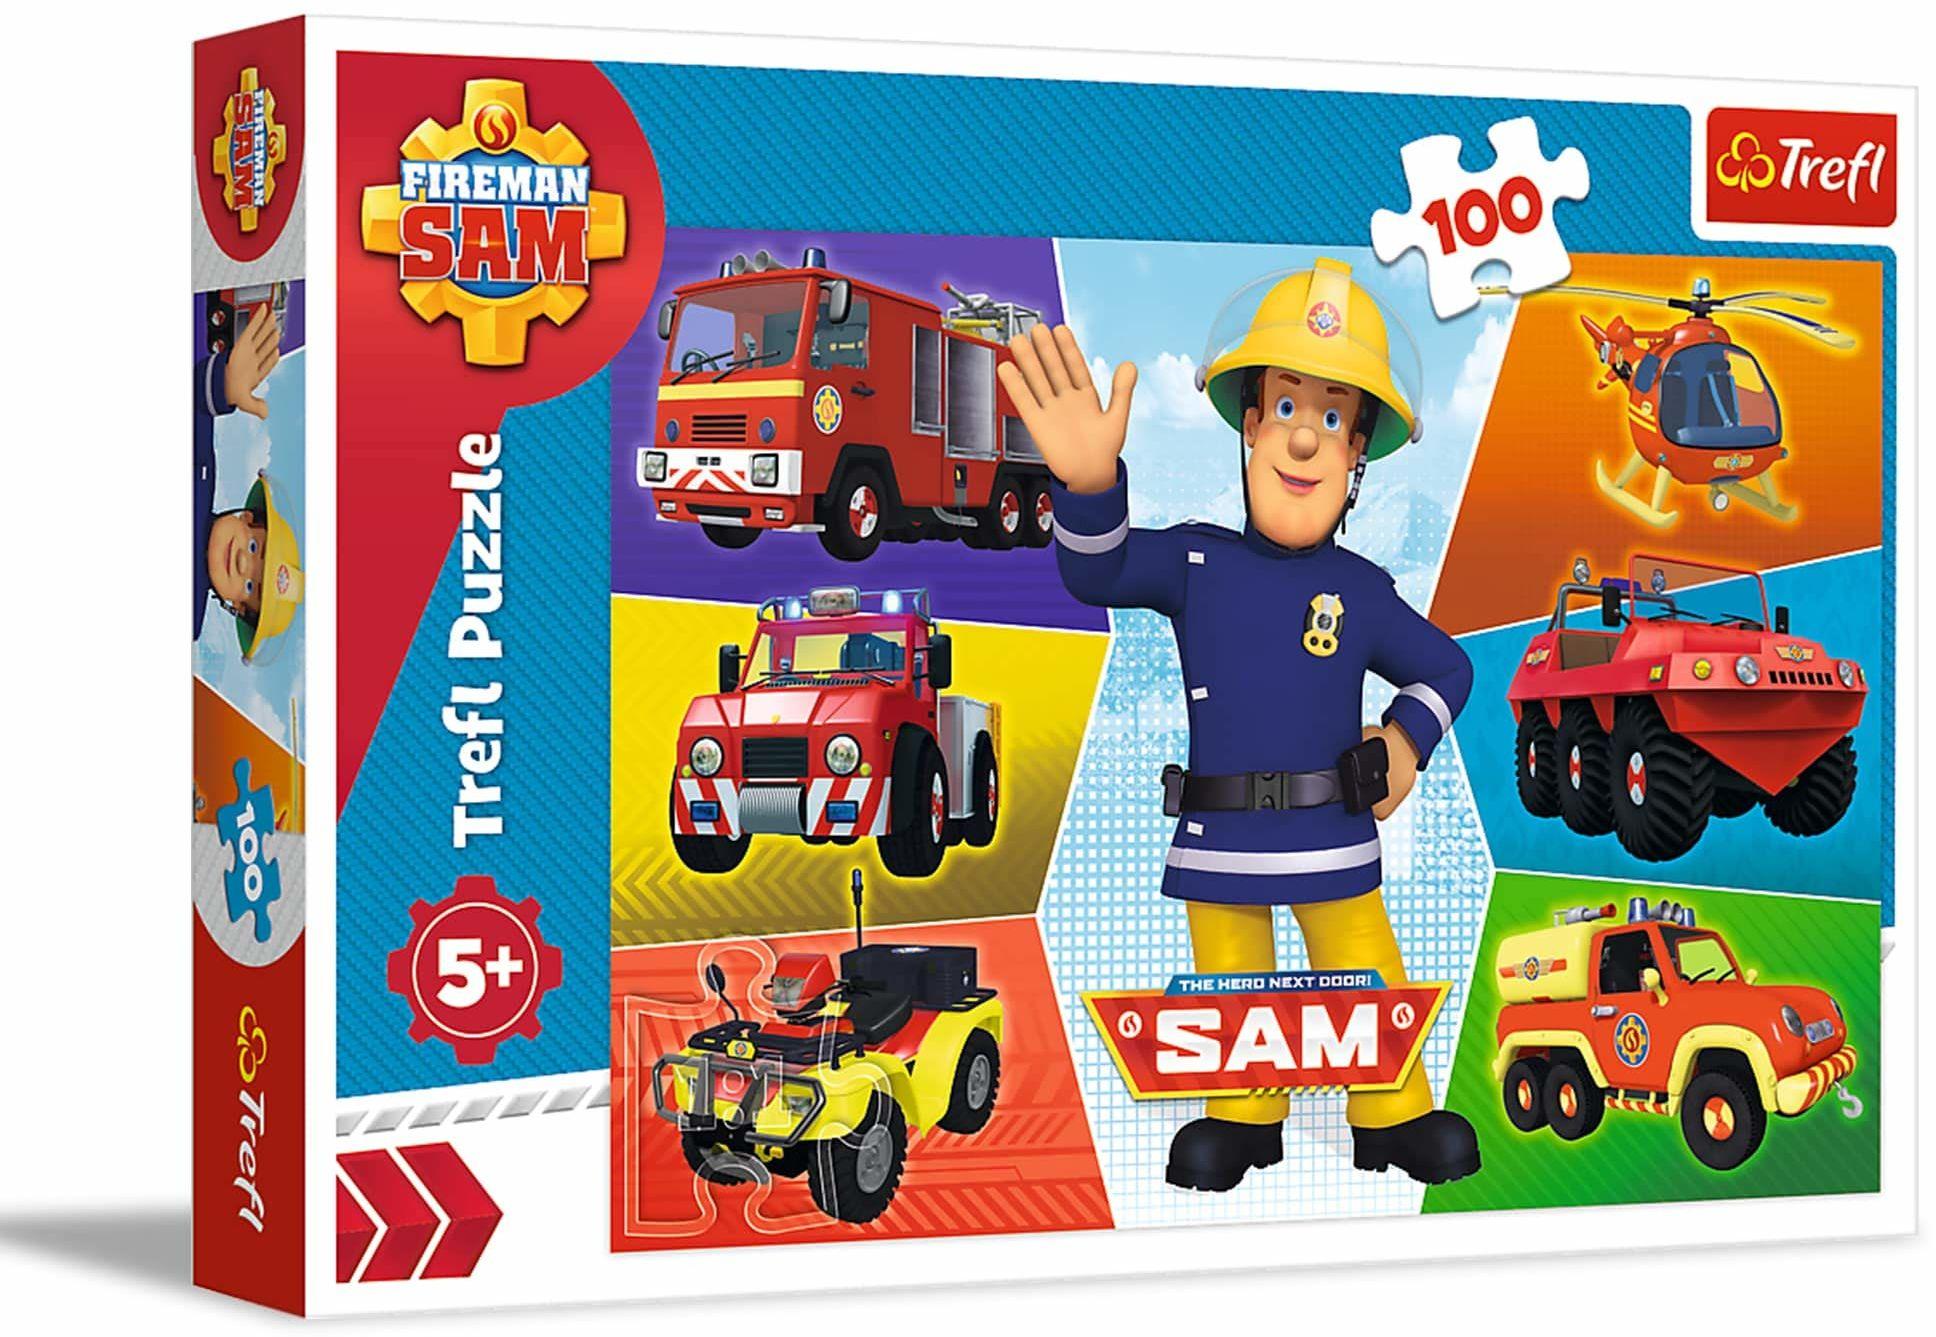 Trefl Pojazdy Strażaka Sama Puzzle 100 Elementów o Wysokiej Jakości Nadruku dla Dzieci od 5 lat